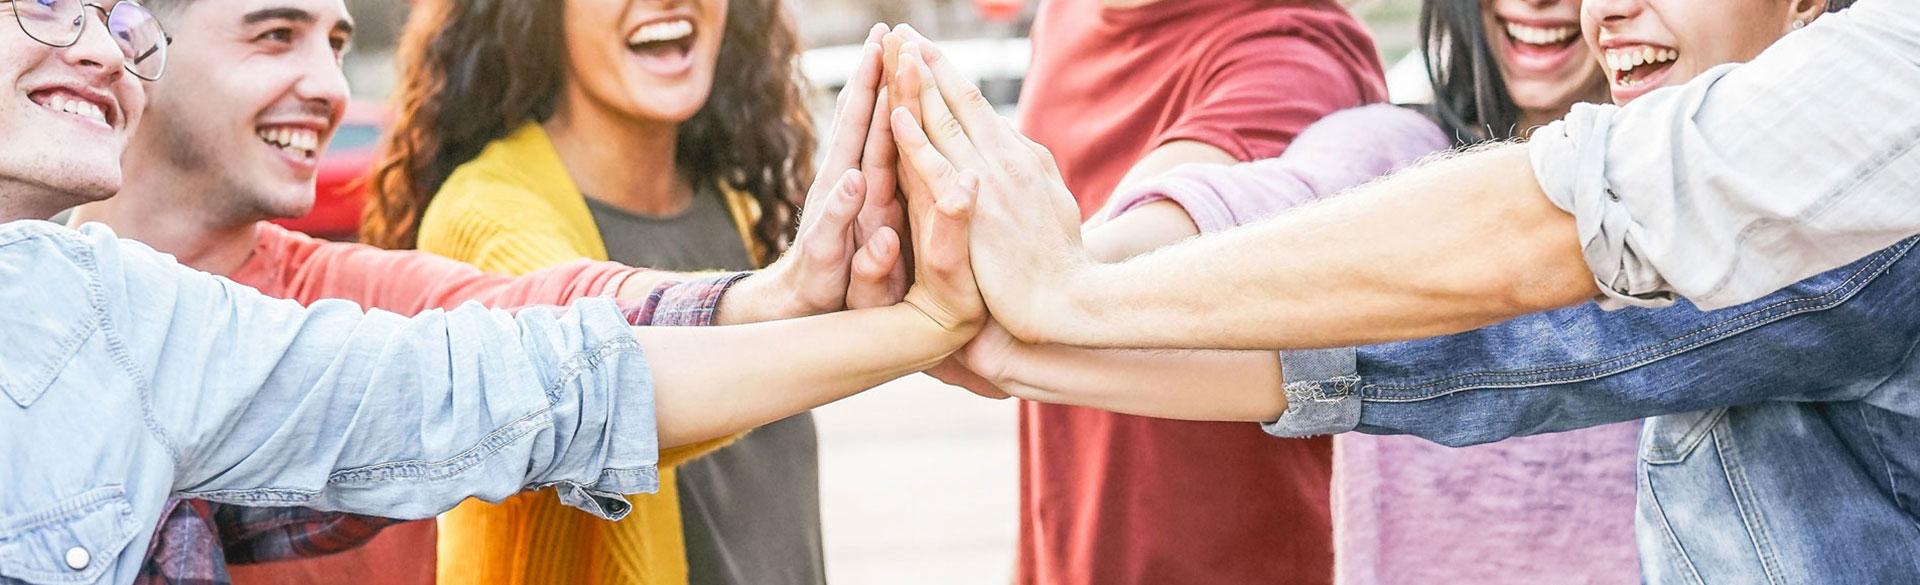 קבוצות לפיתוח מיומנויות חברתיות